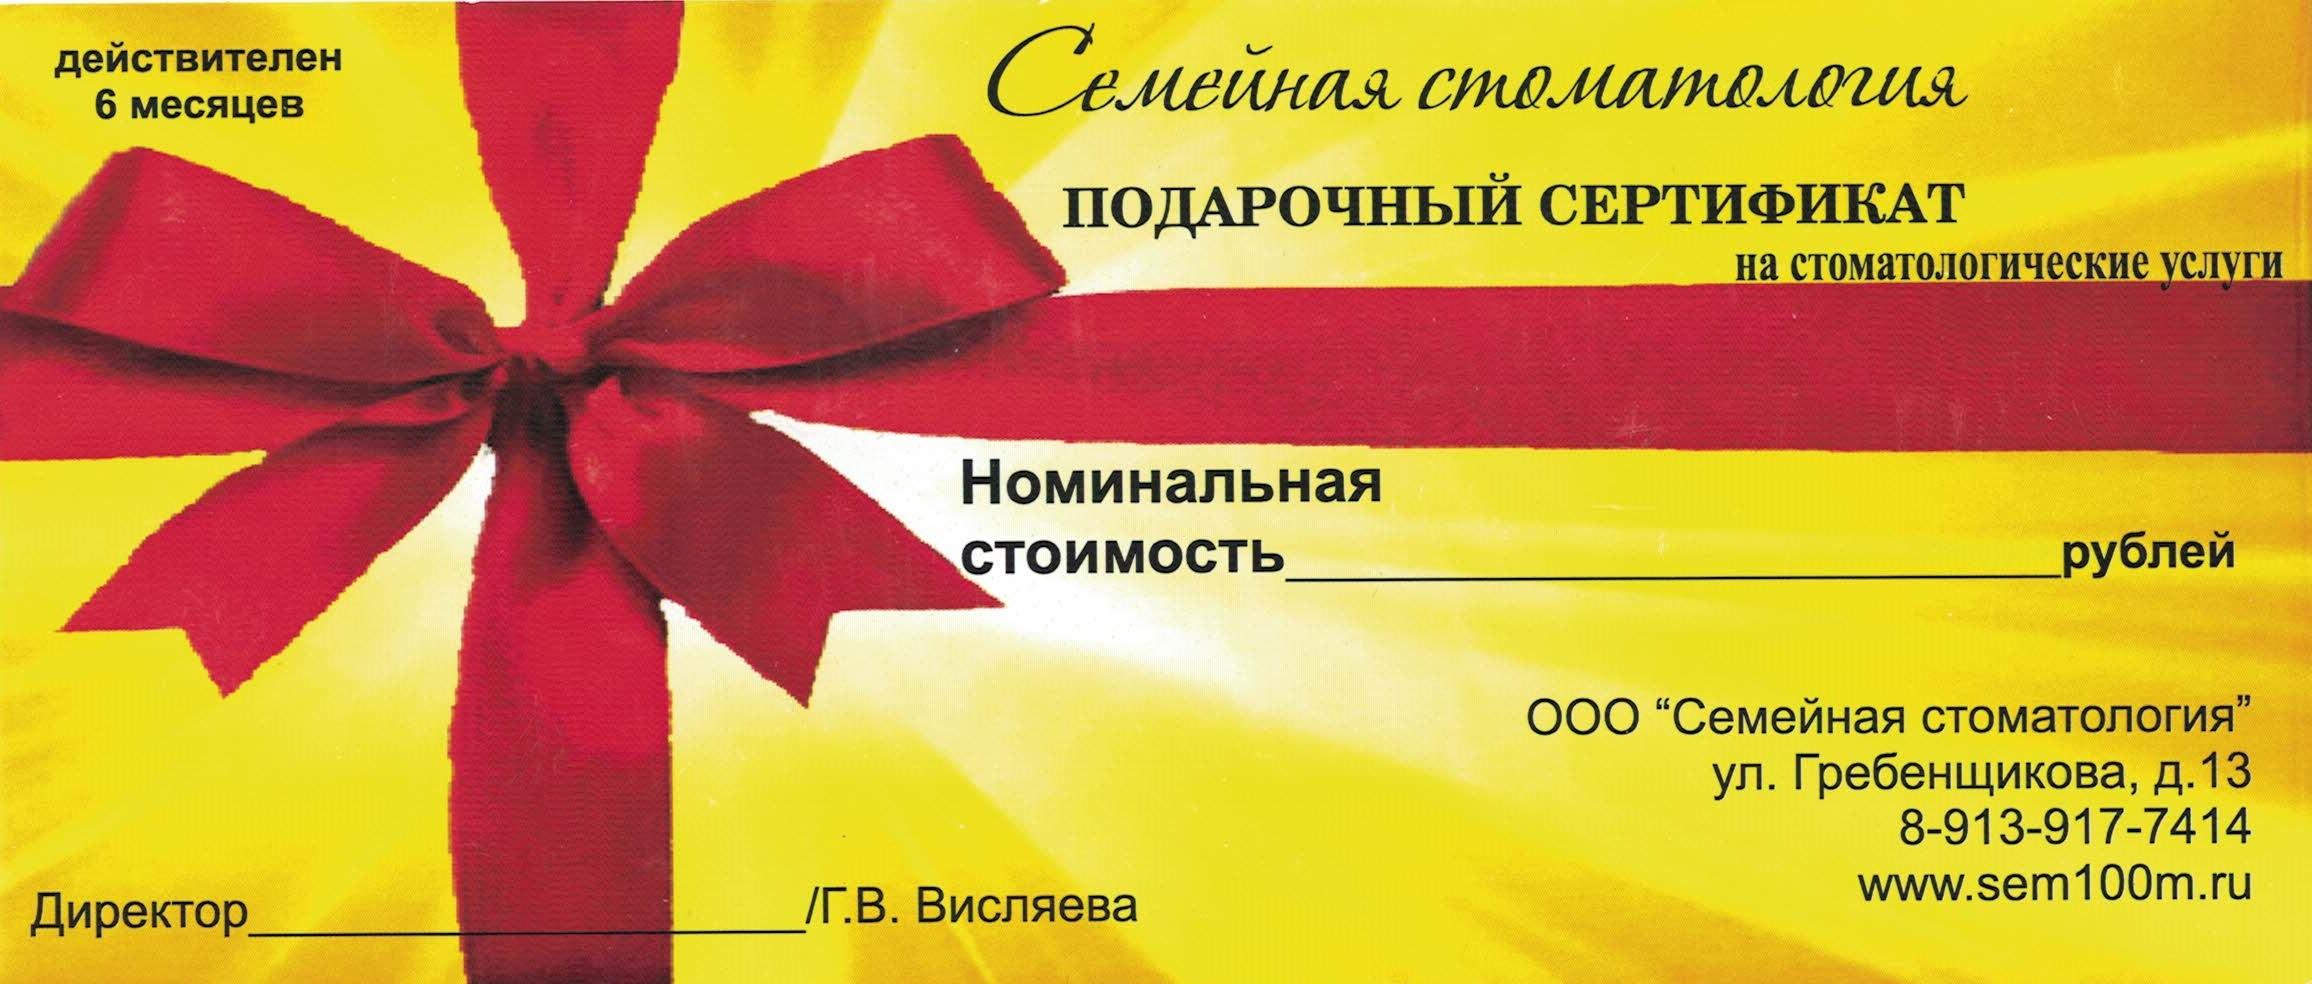 Подарочные сертификаты на стоматологические усуги